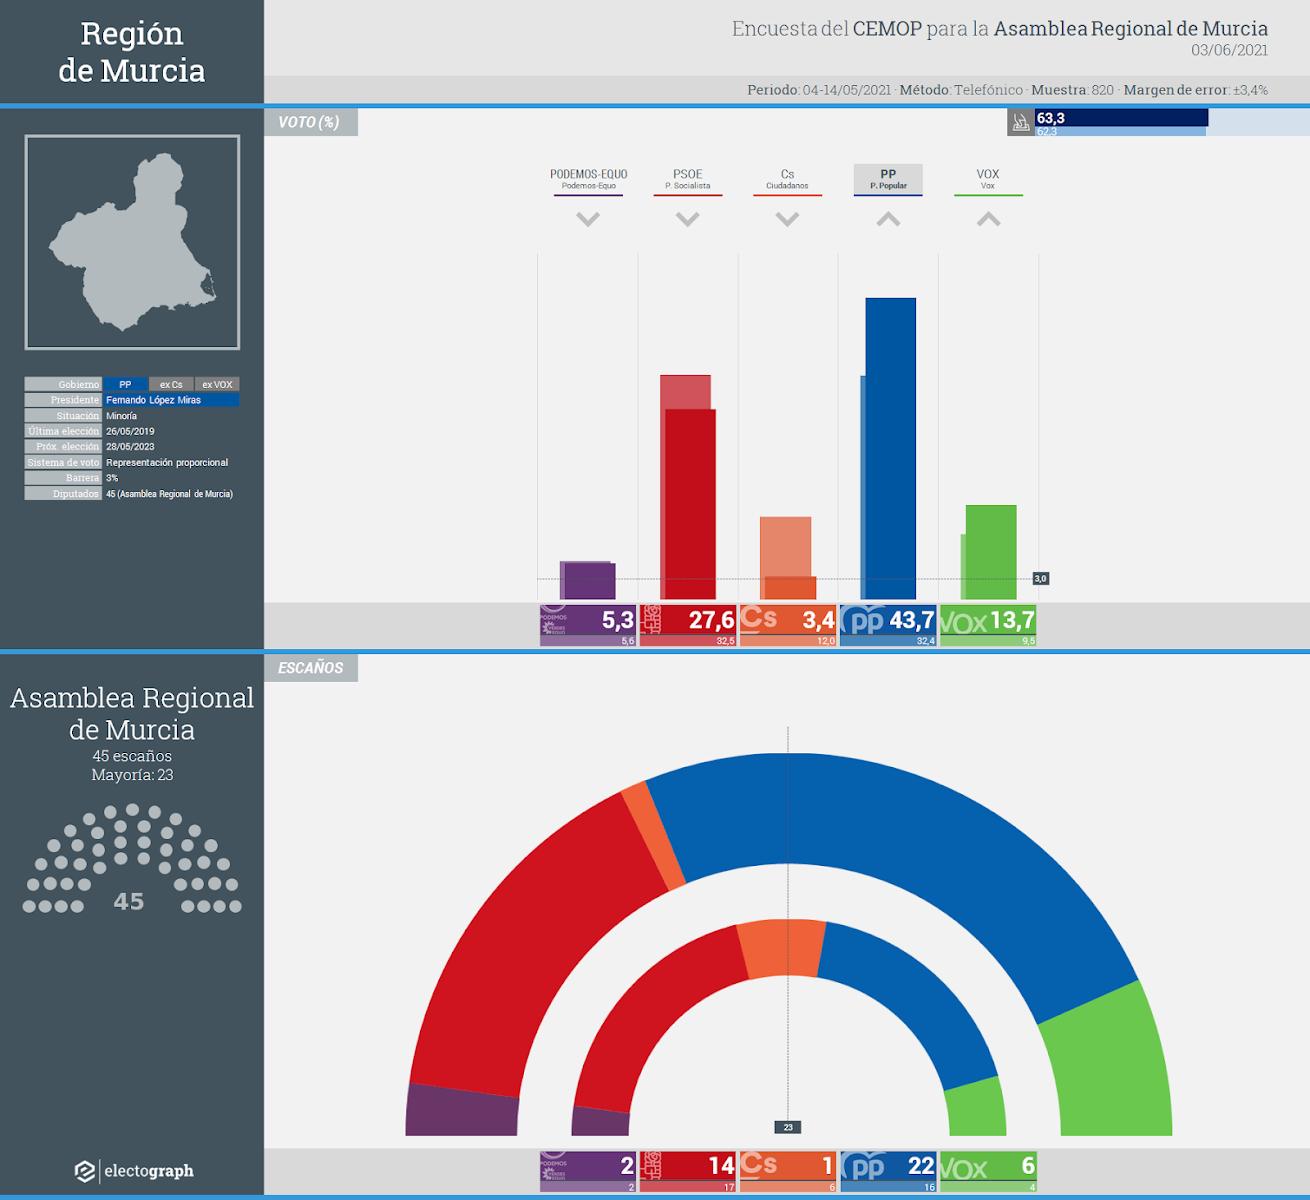 Gráfico de la encuesta para elecciones autonómicas en la Región de Murcia realizada por CEMOP para la Asamblea Regional de Murcia, 3 de junio de 2021